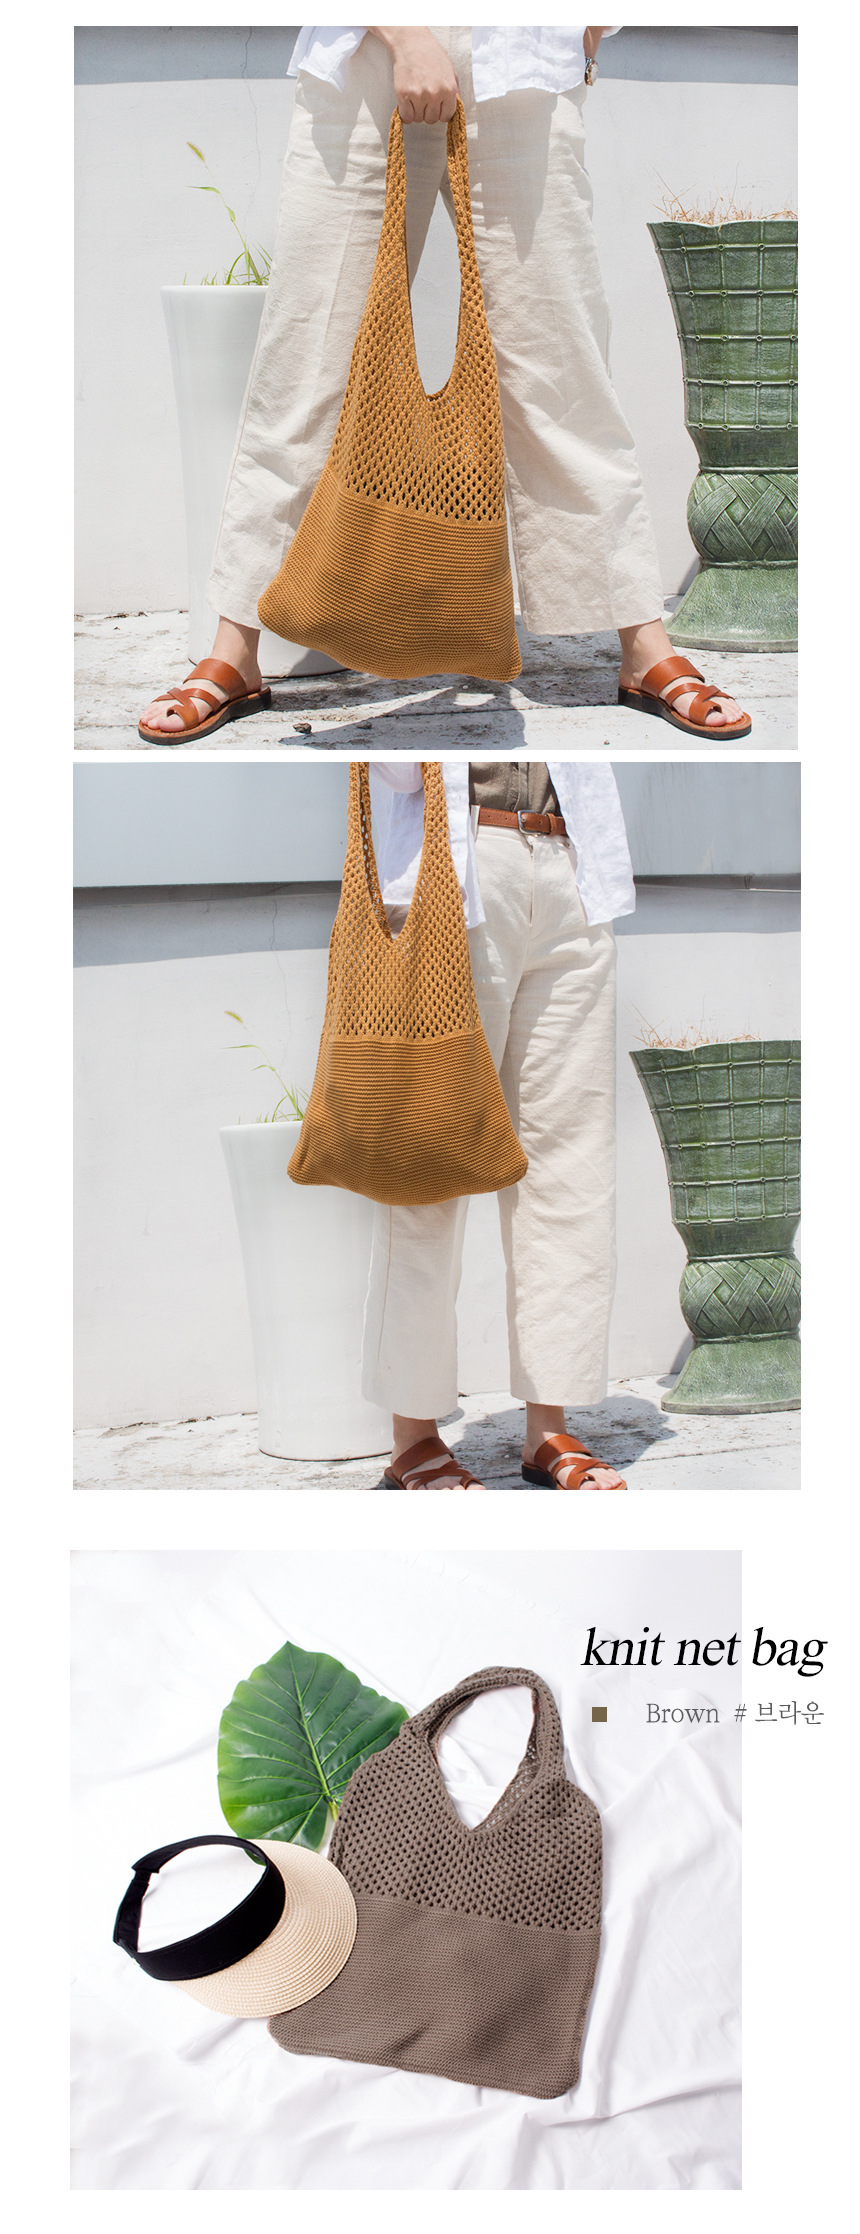 그물백 네트백 망사백 왕골가방 라탄백 - 몽트노블, 13,100원, 계절백, 망사백